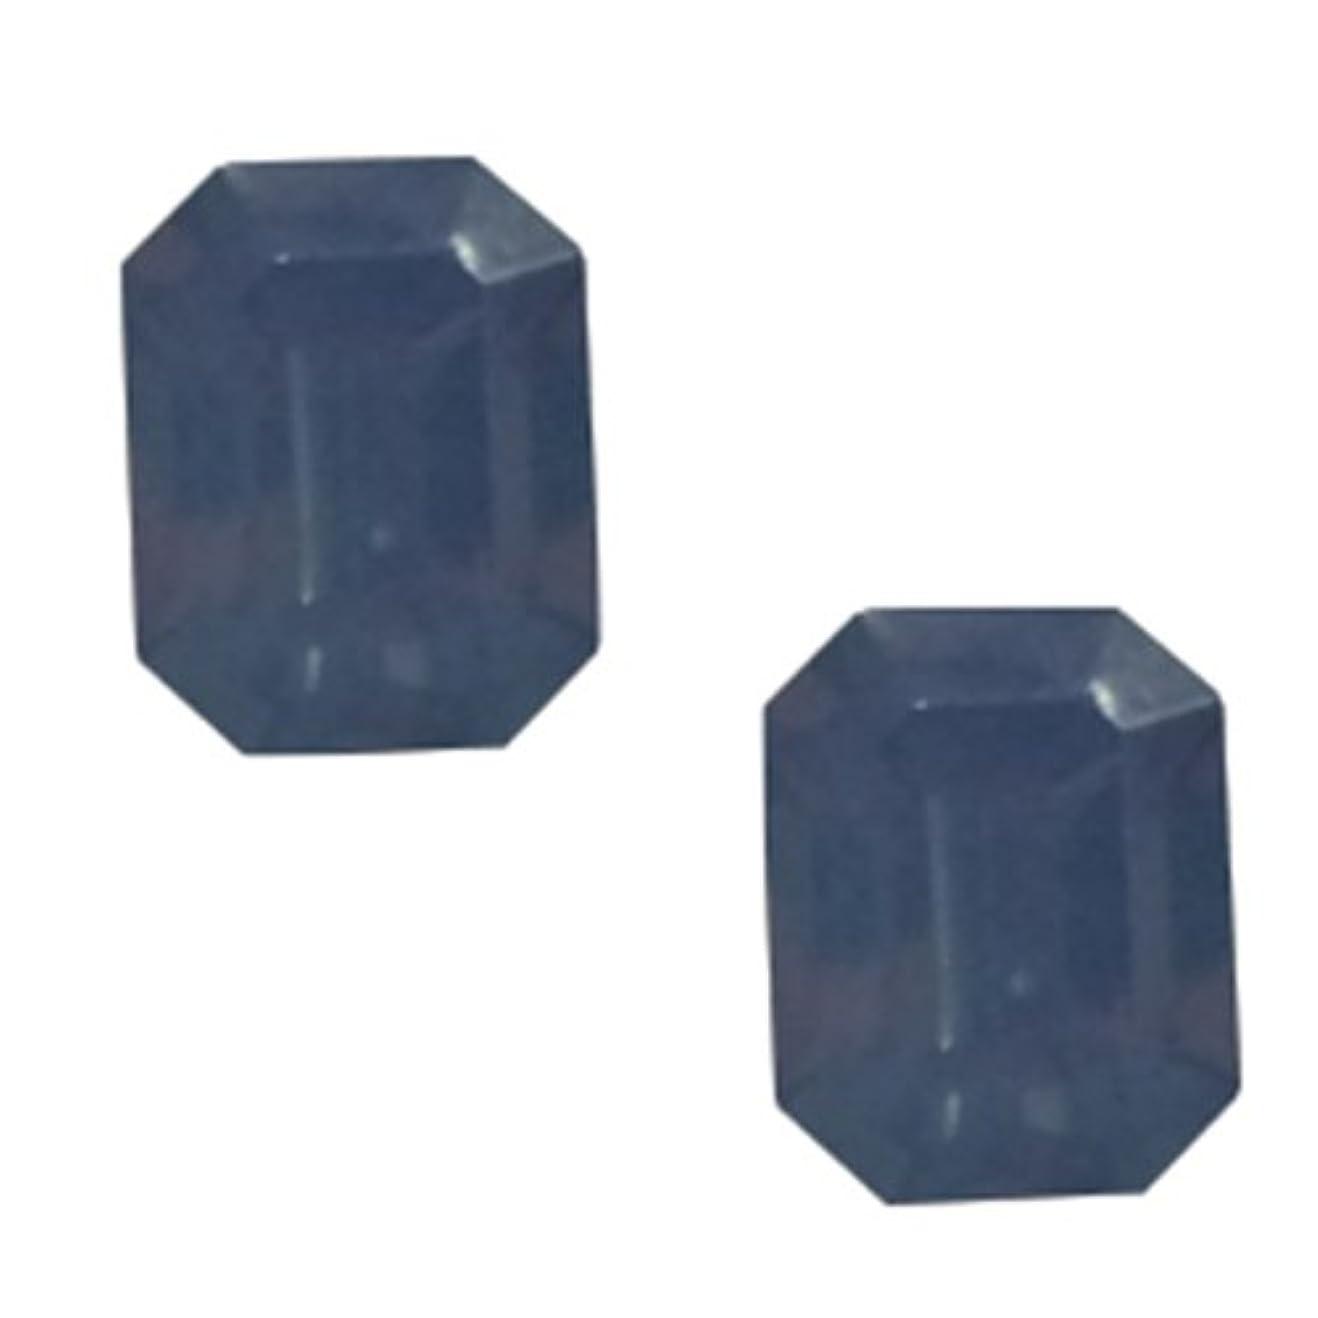 フルーティーフラスコどきどきPOSH ART ネイルパーツ長方形型 4*6mm 10P ブルーオパール